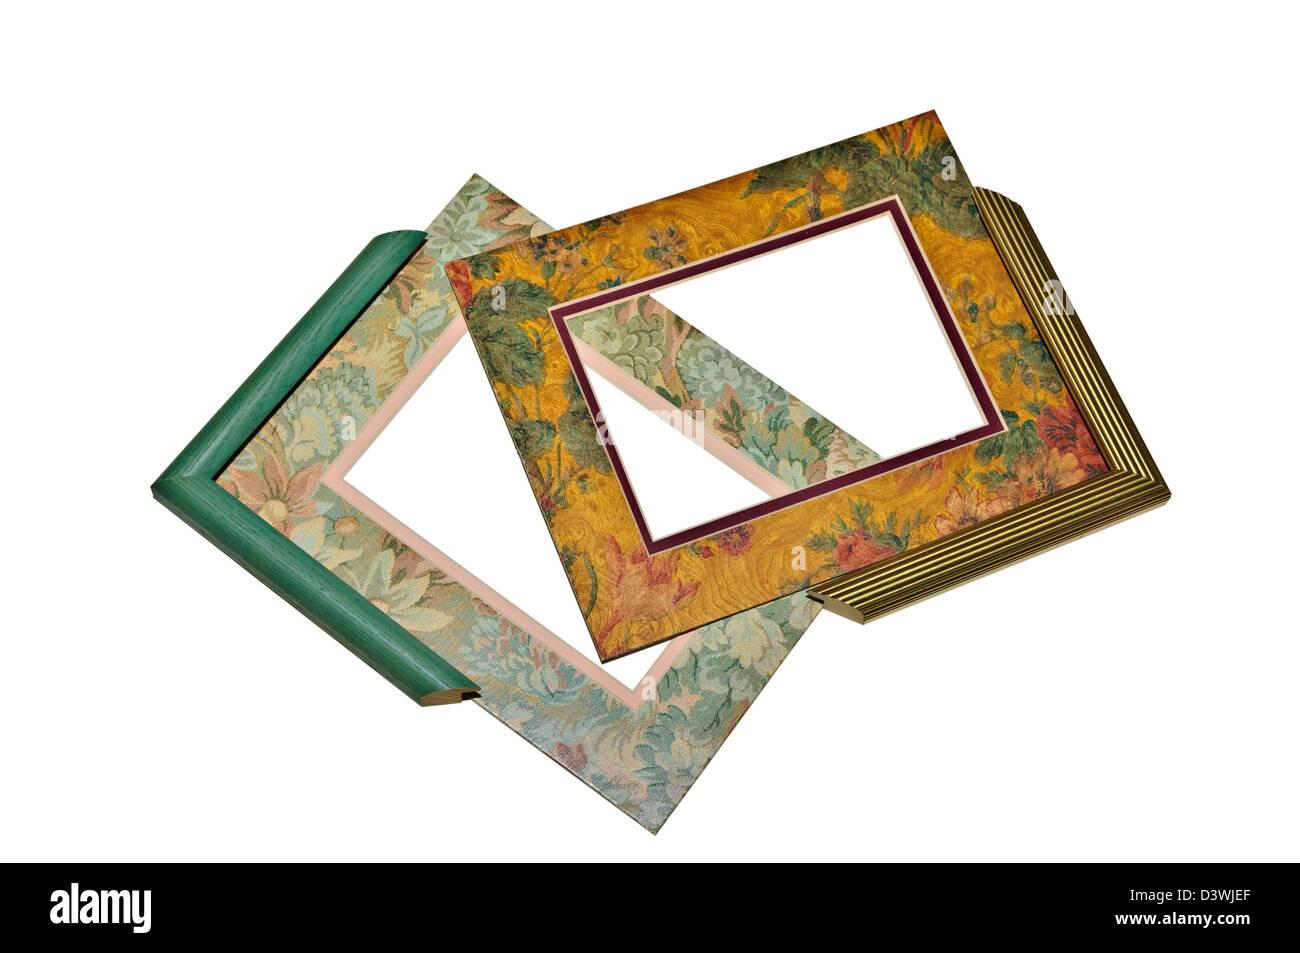 Wunderbar Matten Für Rahmen Fotos - Benutzerdefinierte Bilderrahmen ...